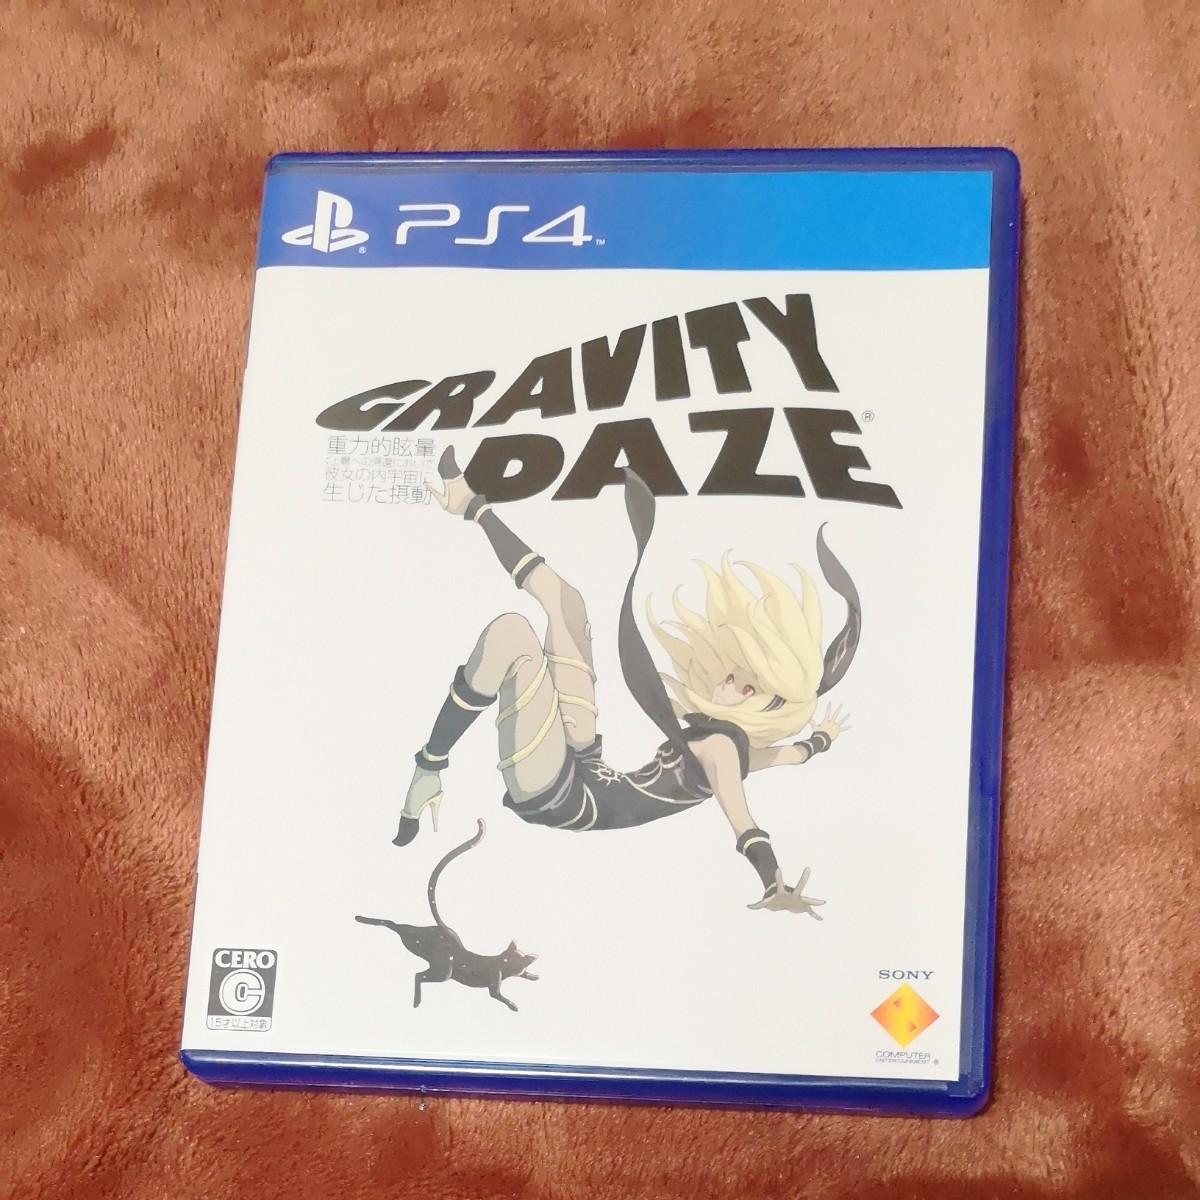 【PS4】 GRAVITY DAZE [通常版] PS4 グラビティデイズ